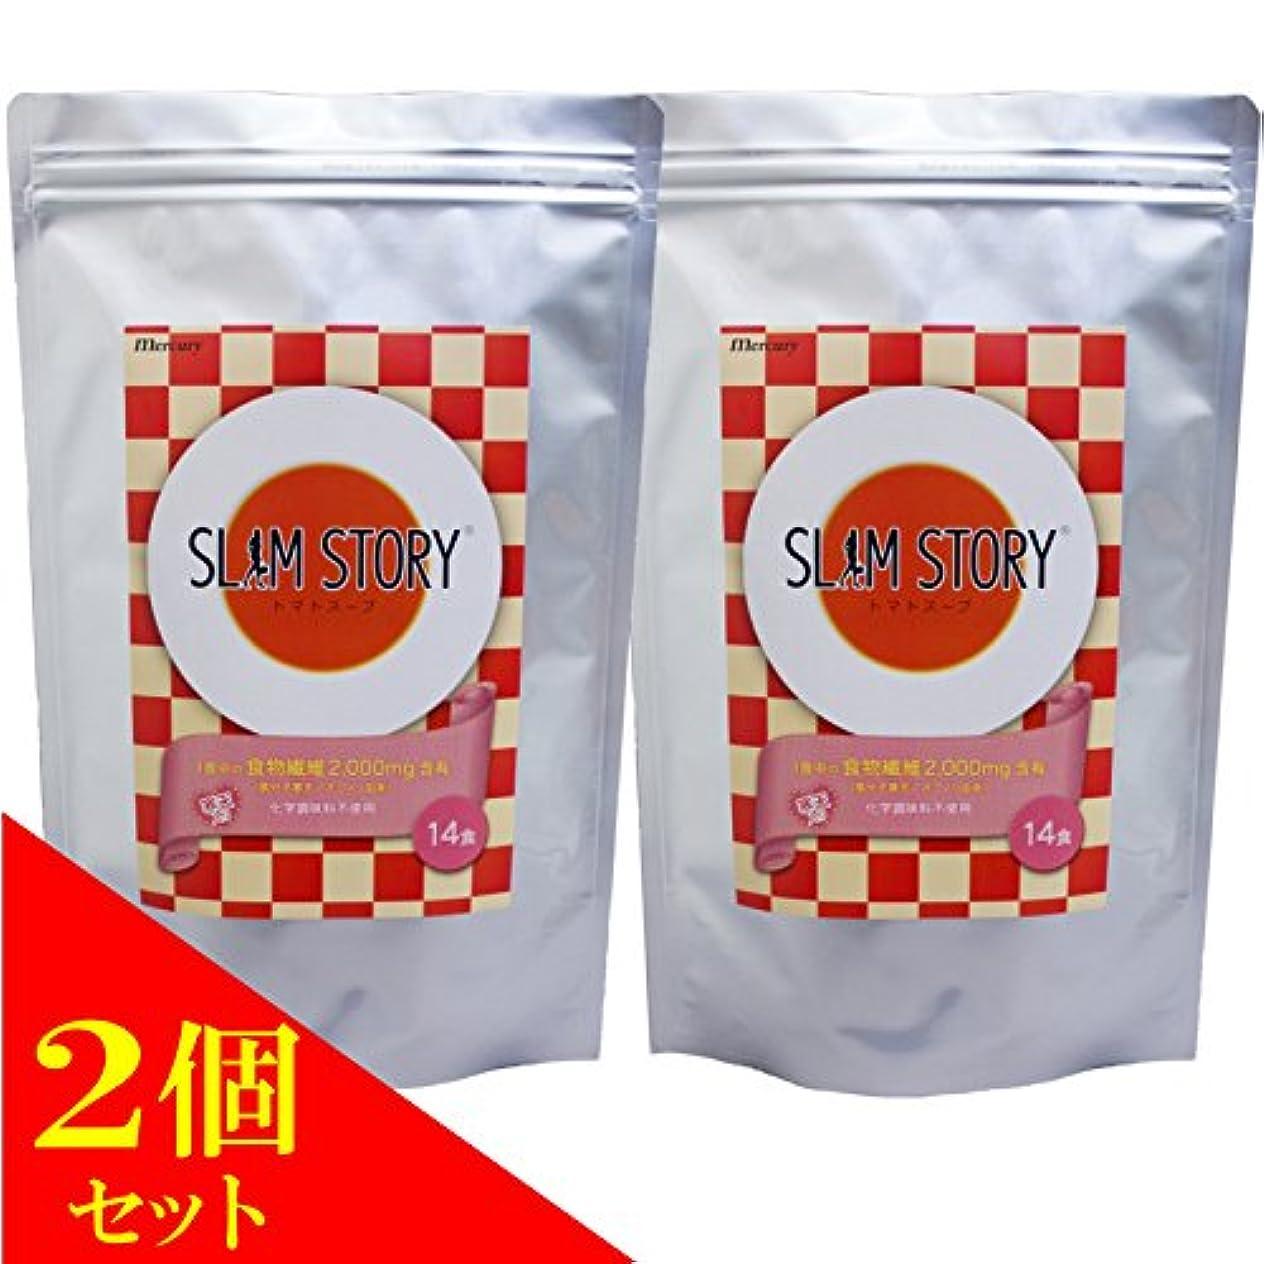 組み合わせるバックスタウト(2個)マーキュリー SLIM STORY トマトスープ 14食×2袋セット/化学調味料 不使用(4947041155022)